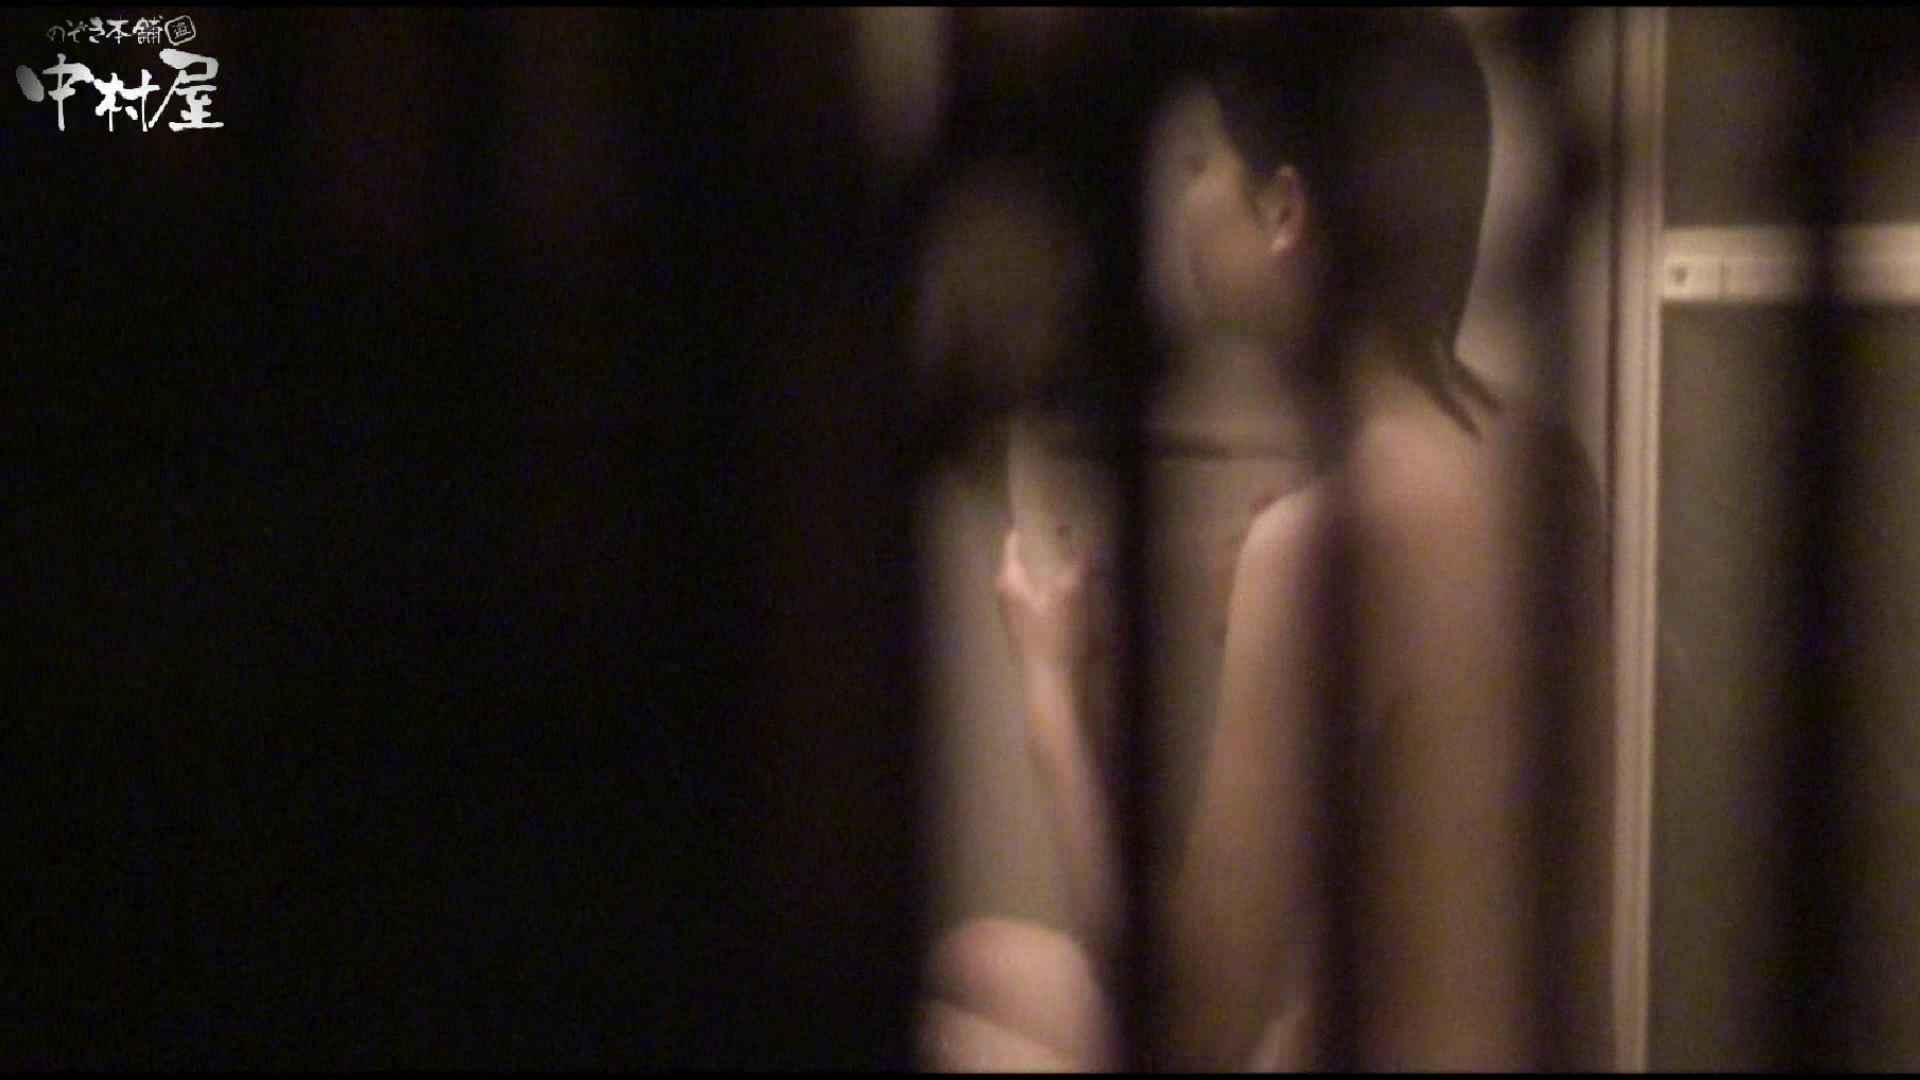 民家風呂専門盗撮師の超危険映像 vol.028 盗撮  97連発 91